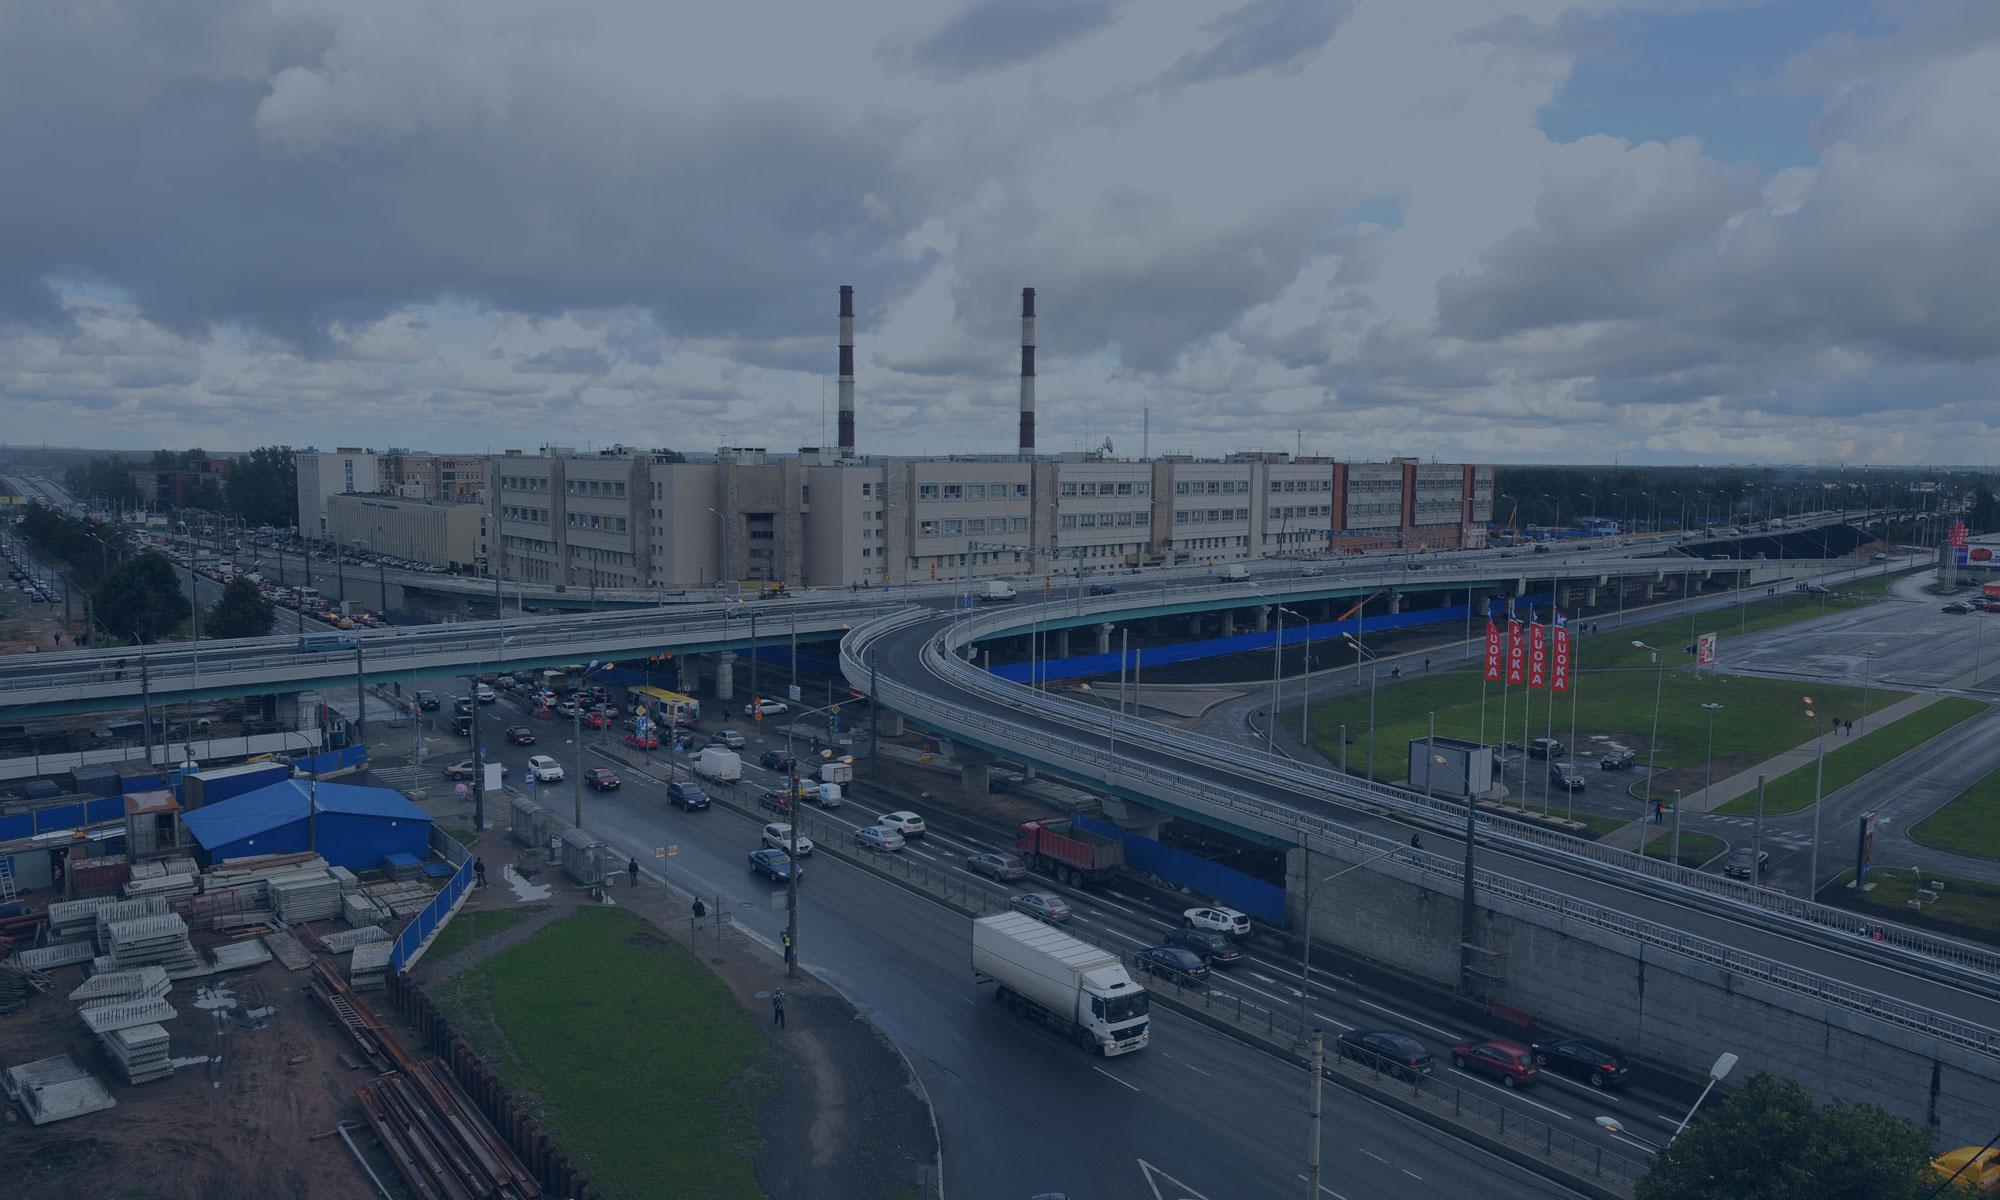 «Транспортная развязка на пересечении Пискаревского проспекта и проспекта Непокоренных», Санкт-Петербург.